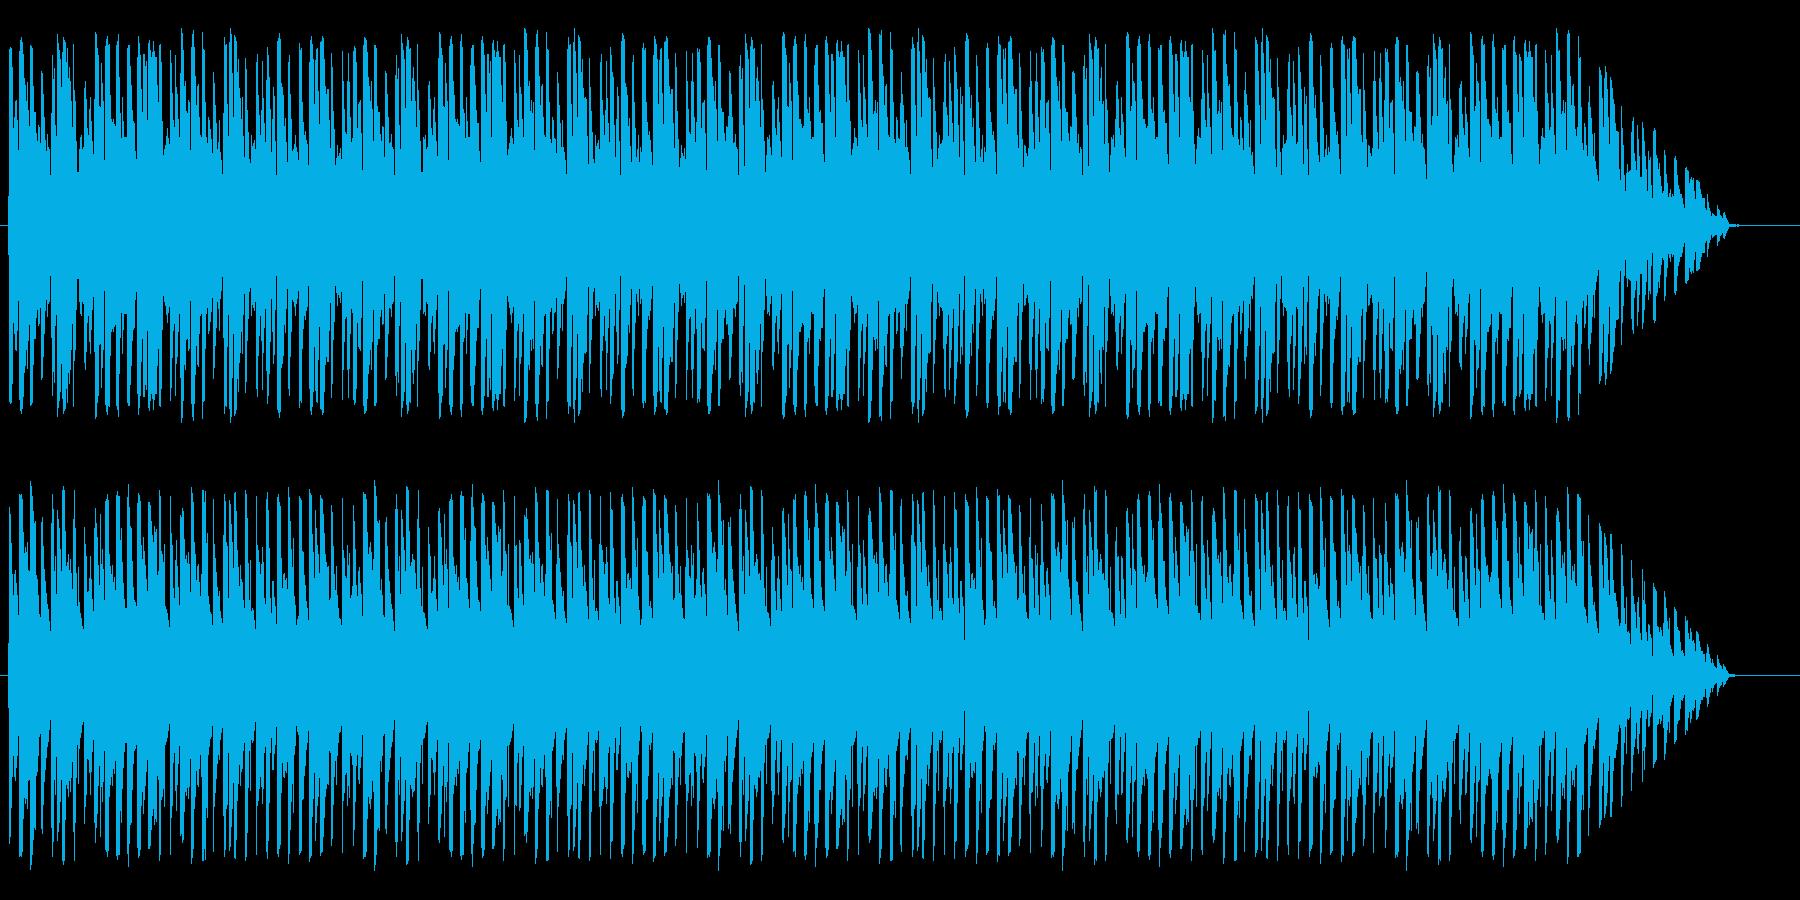 ほのぼのかわいいメロディの再生済みの波形